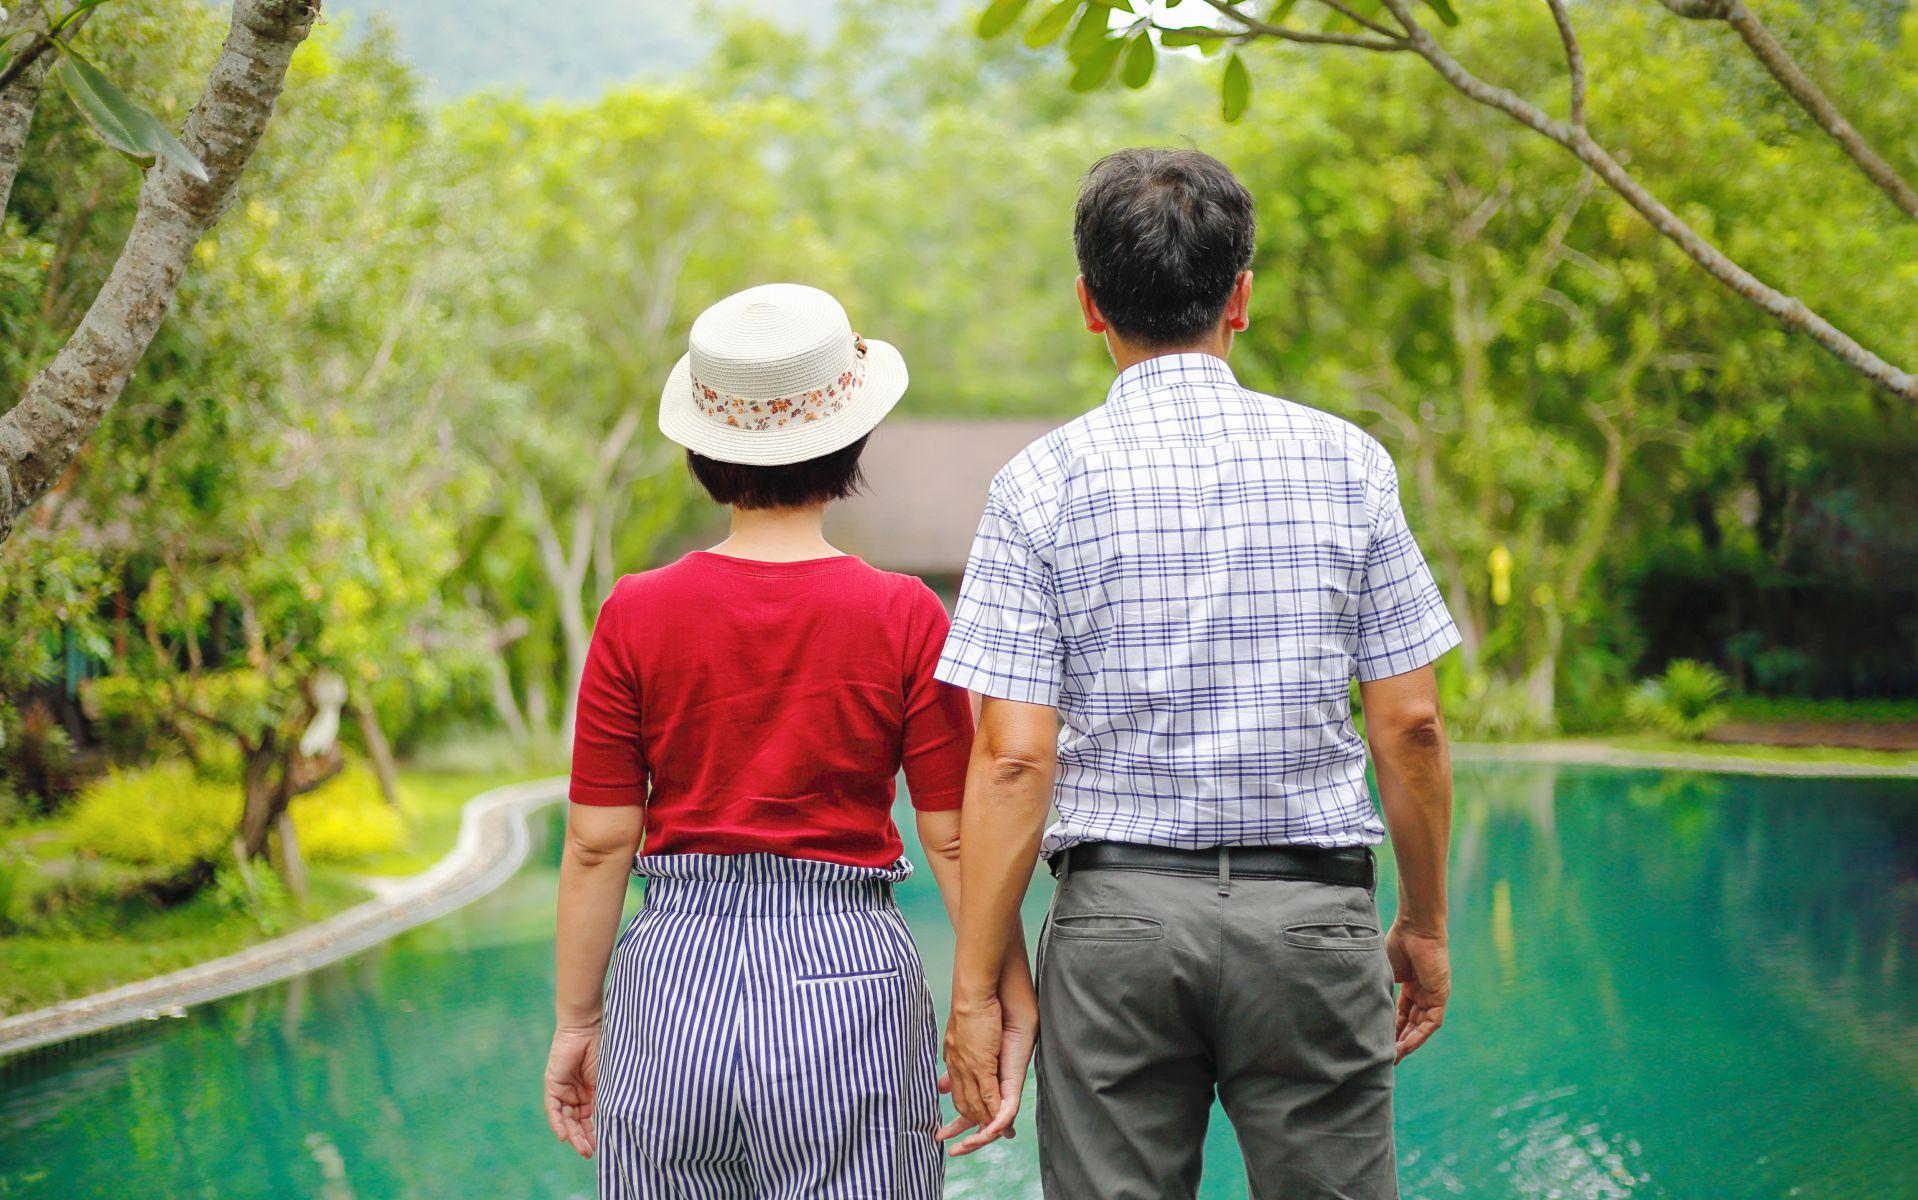 婚姻長跑》明明沒有完全合得來的個體,為什麼,只要願意一起走下去,就可以一輩子一起走下去?